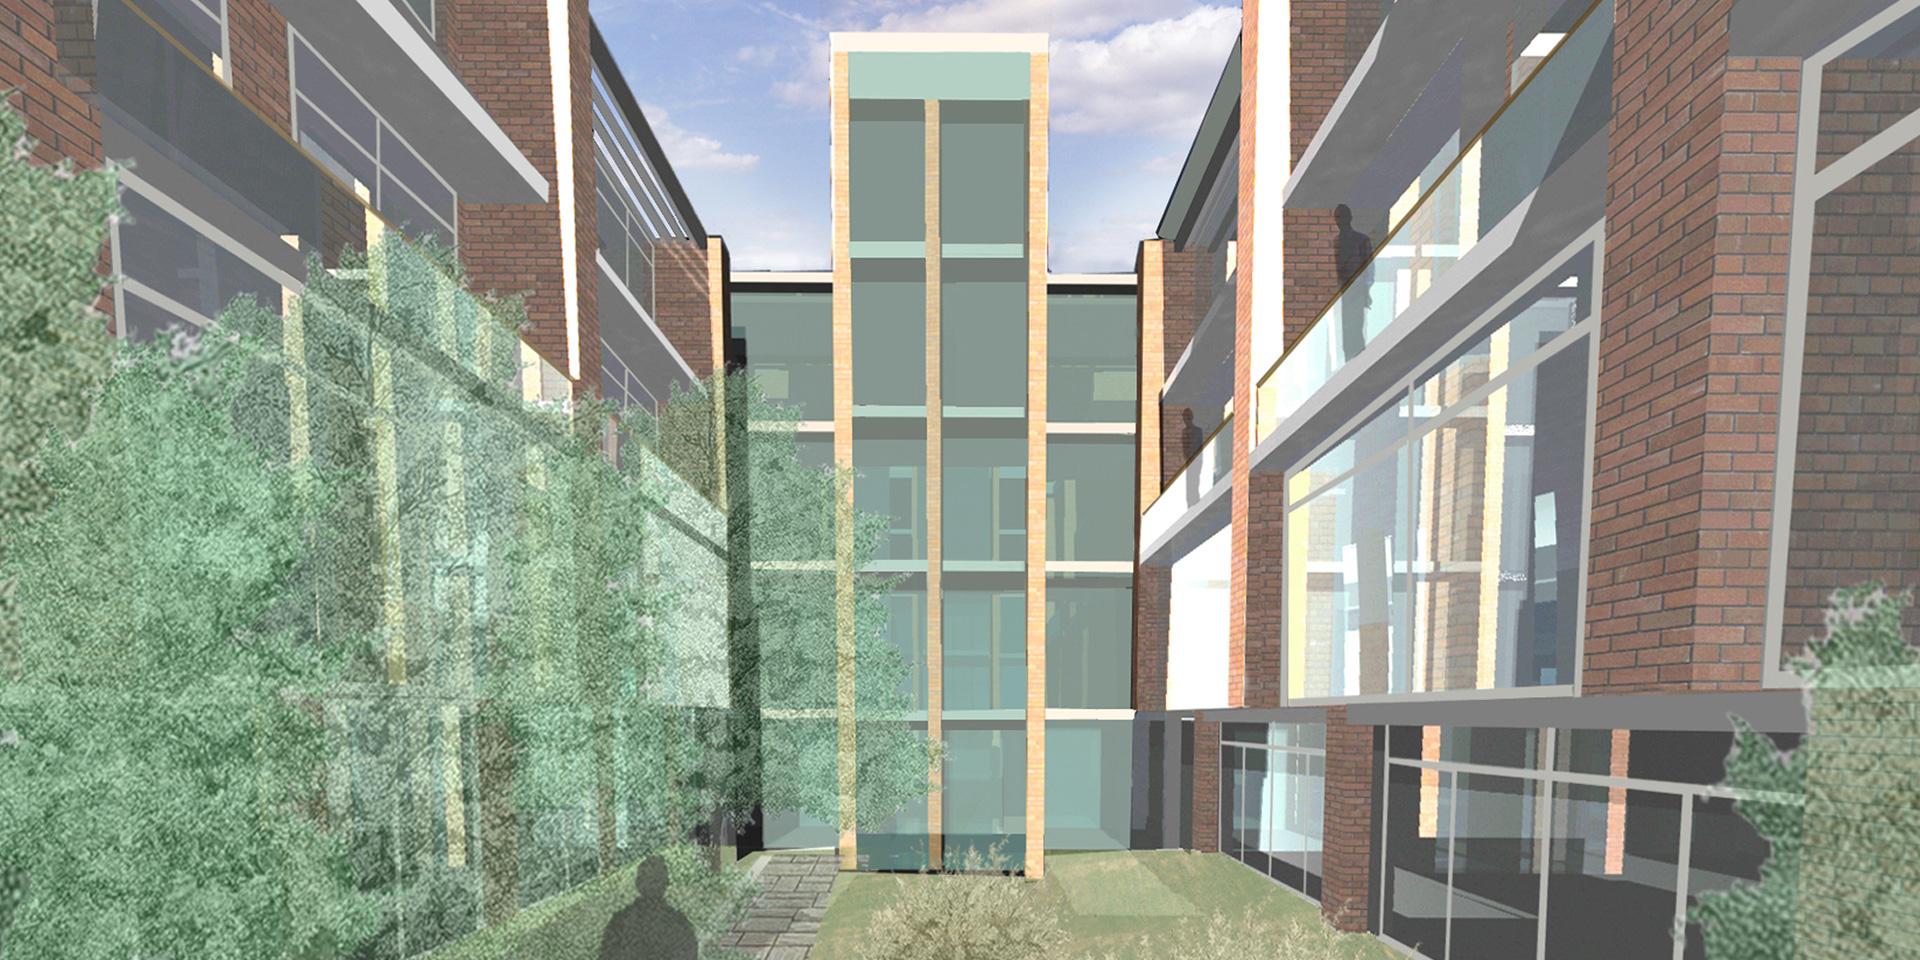 Progetto di completamento Ospedale di Cisanello - Pisa, Binini Partners, Società di architettura e ingegneria